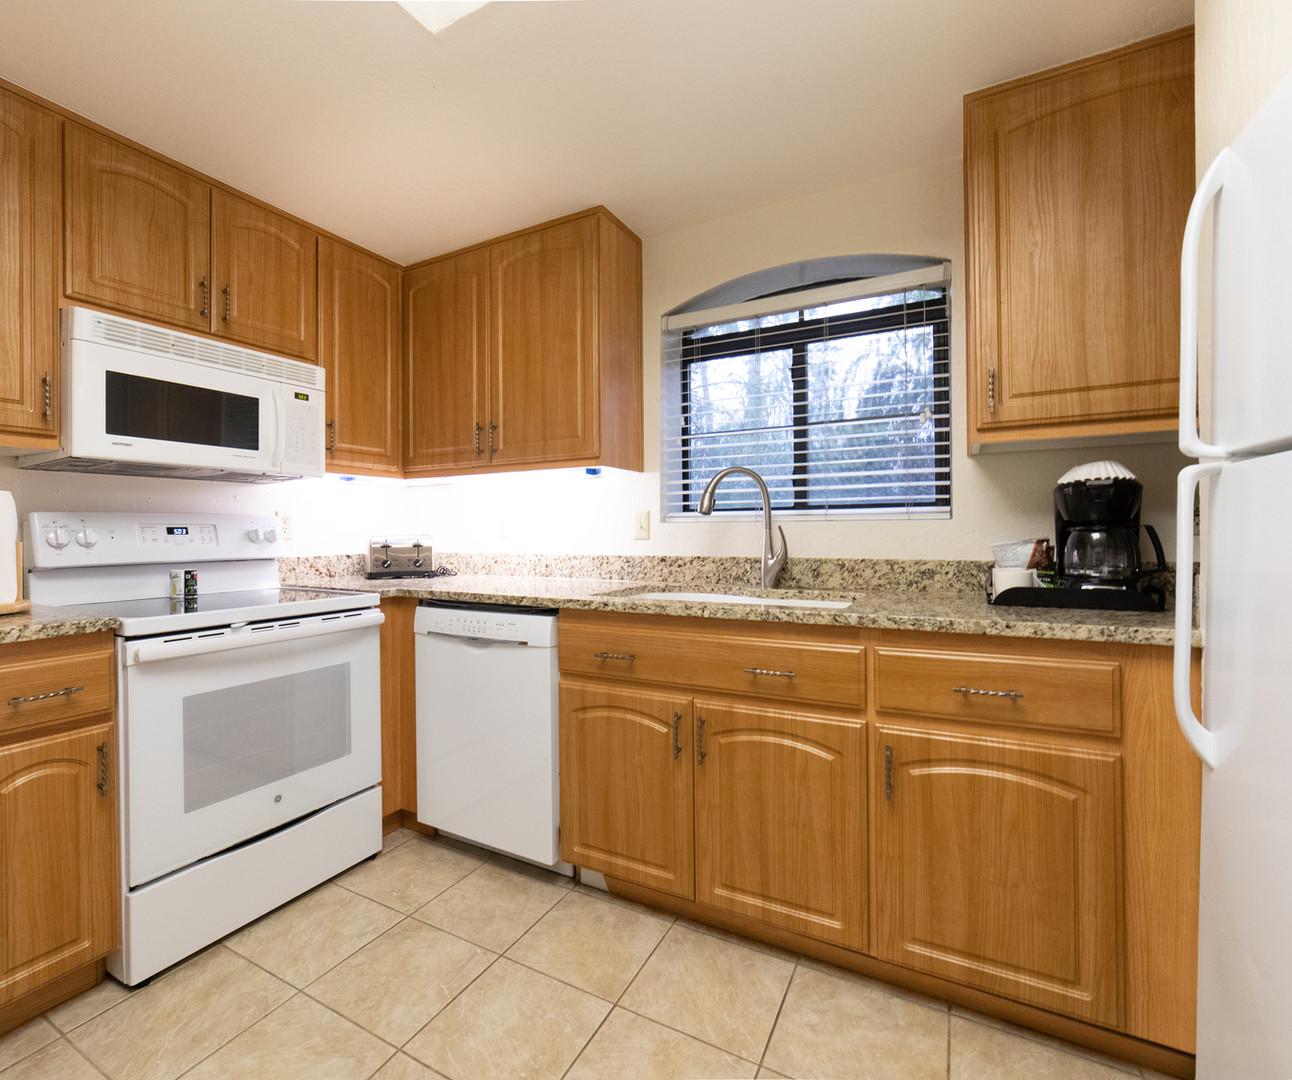 D Kitchen #2.jpg